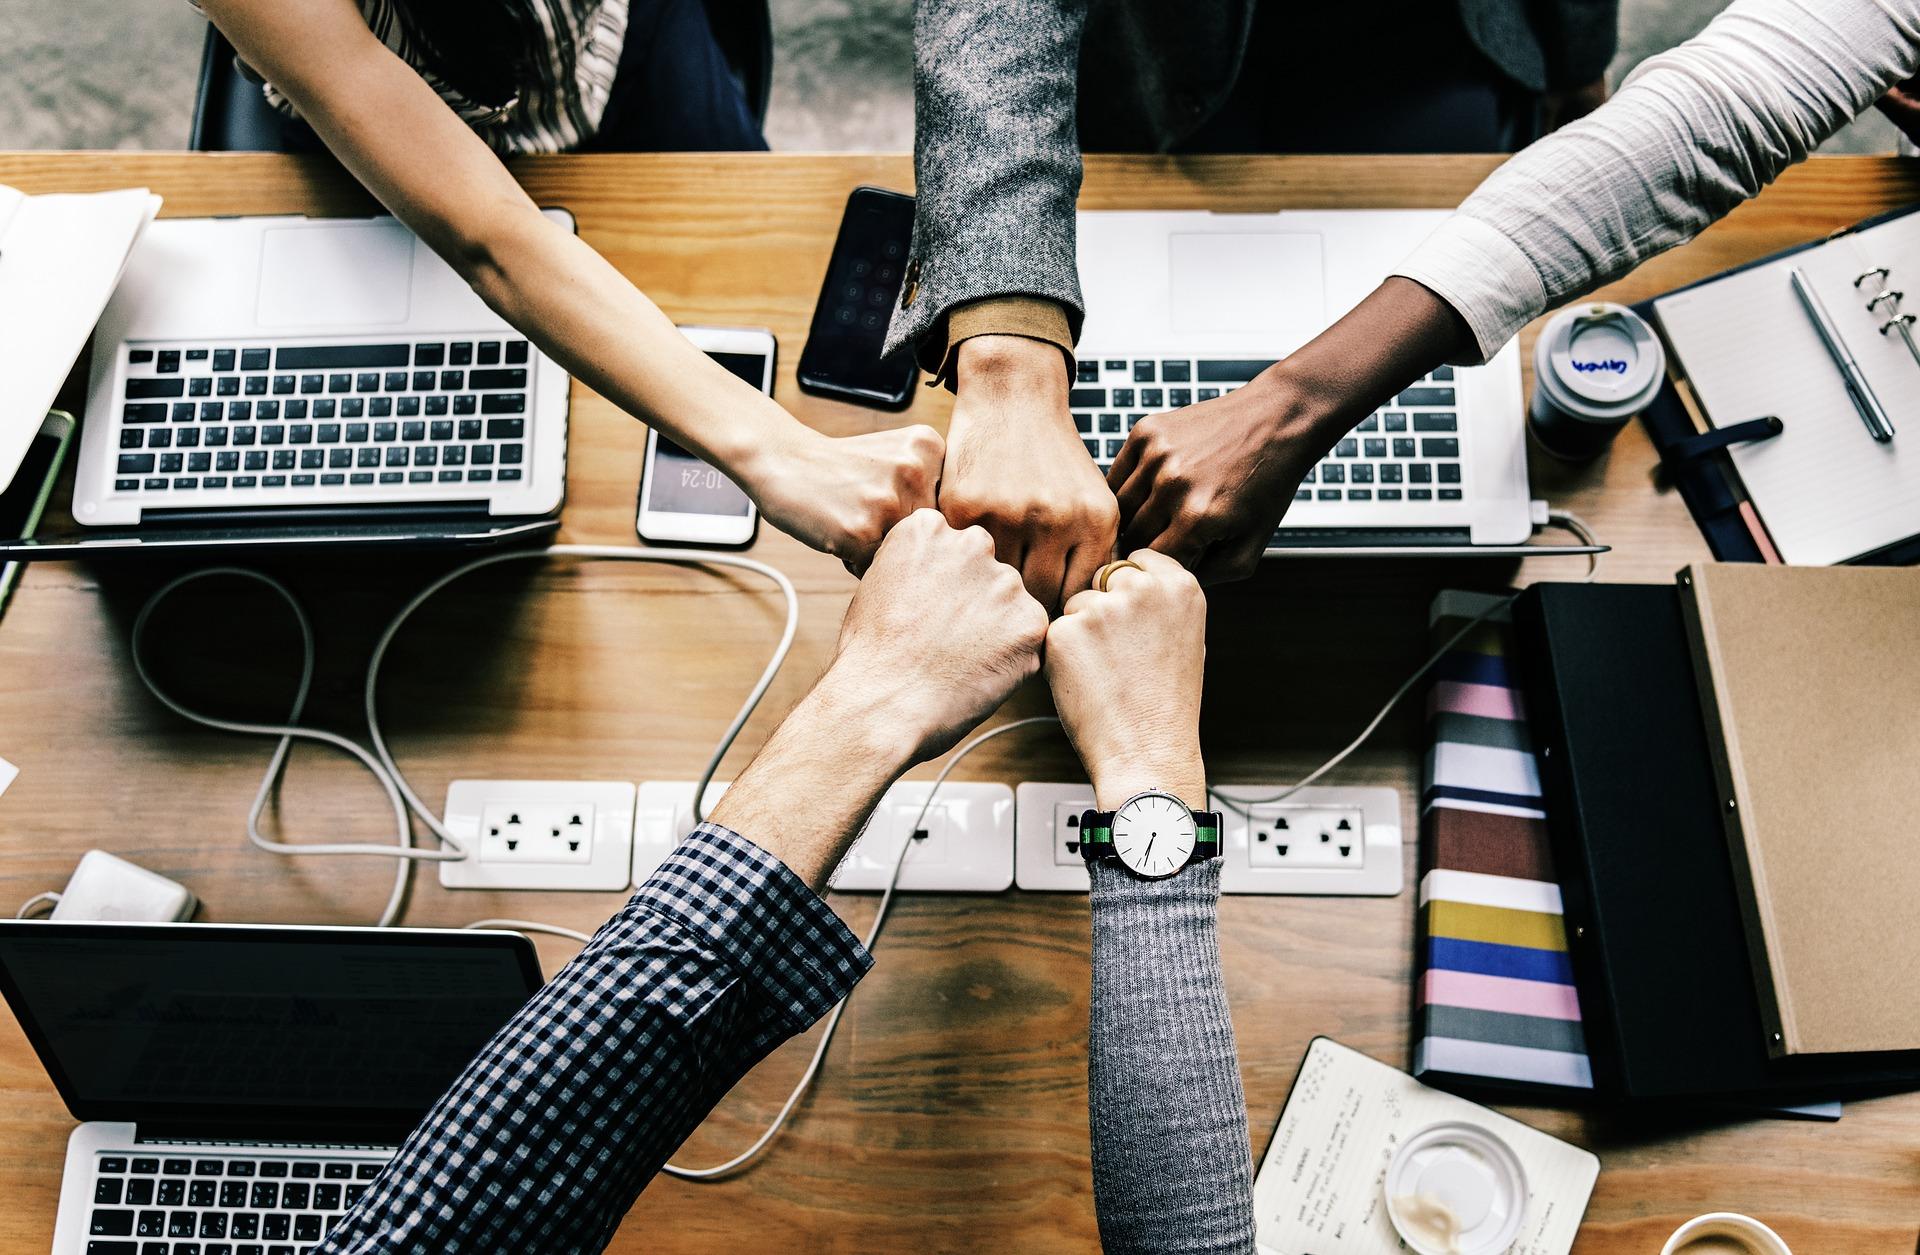 Entenda o que é o engajamento profissional e como despertá-lo em seus funcionários